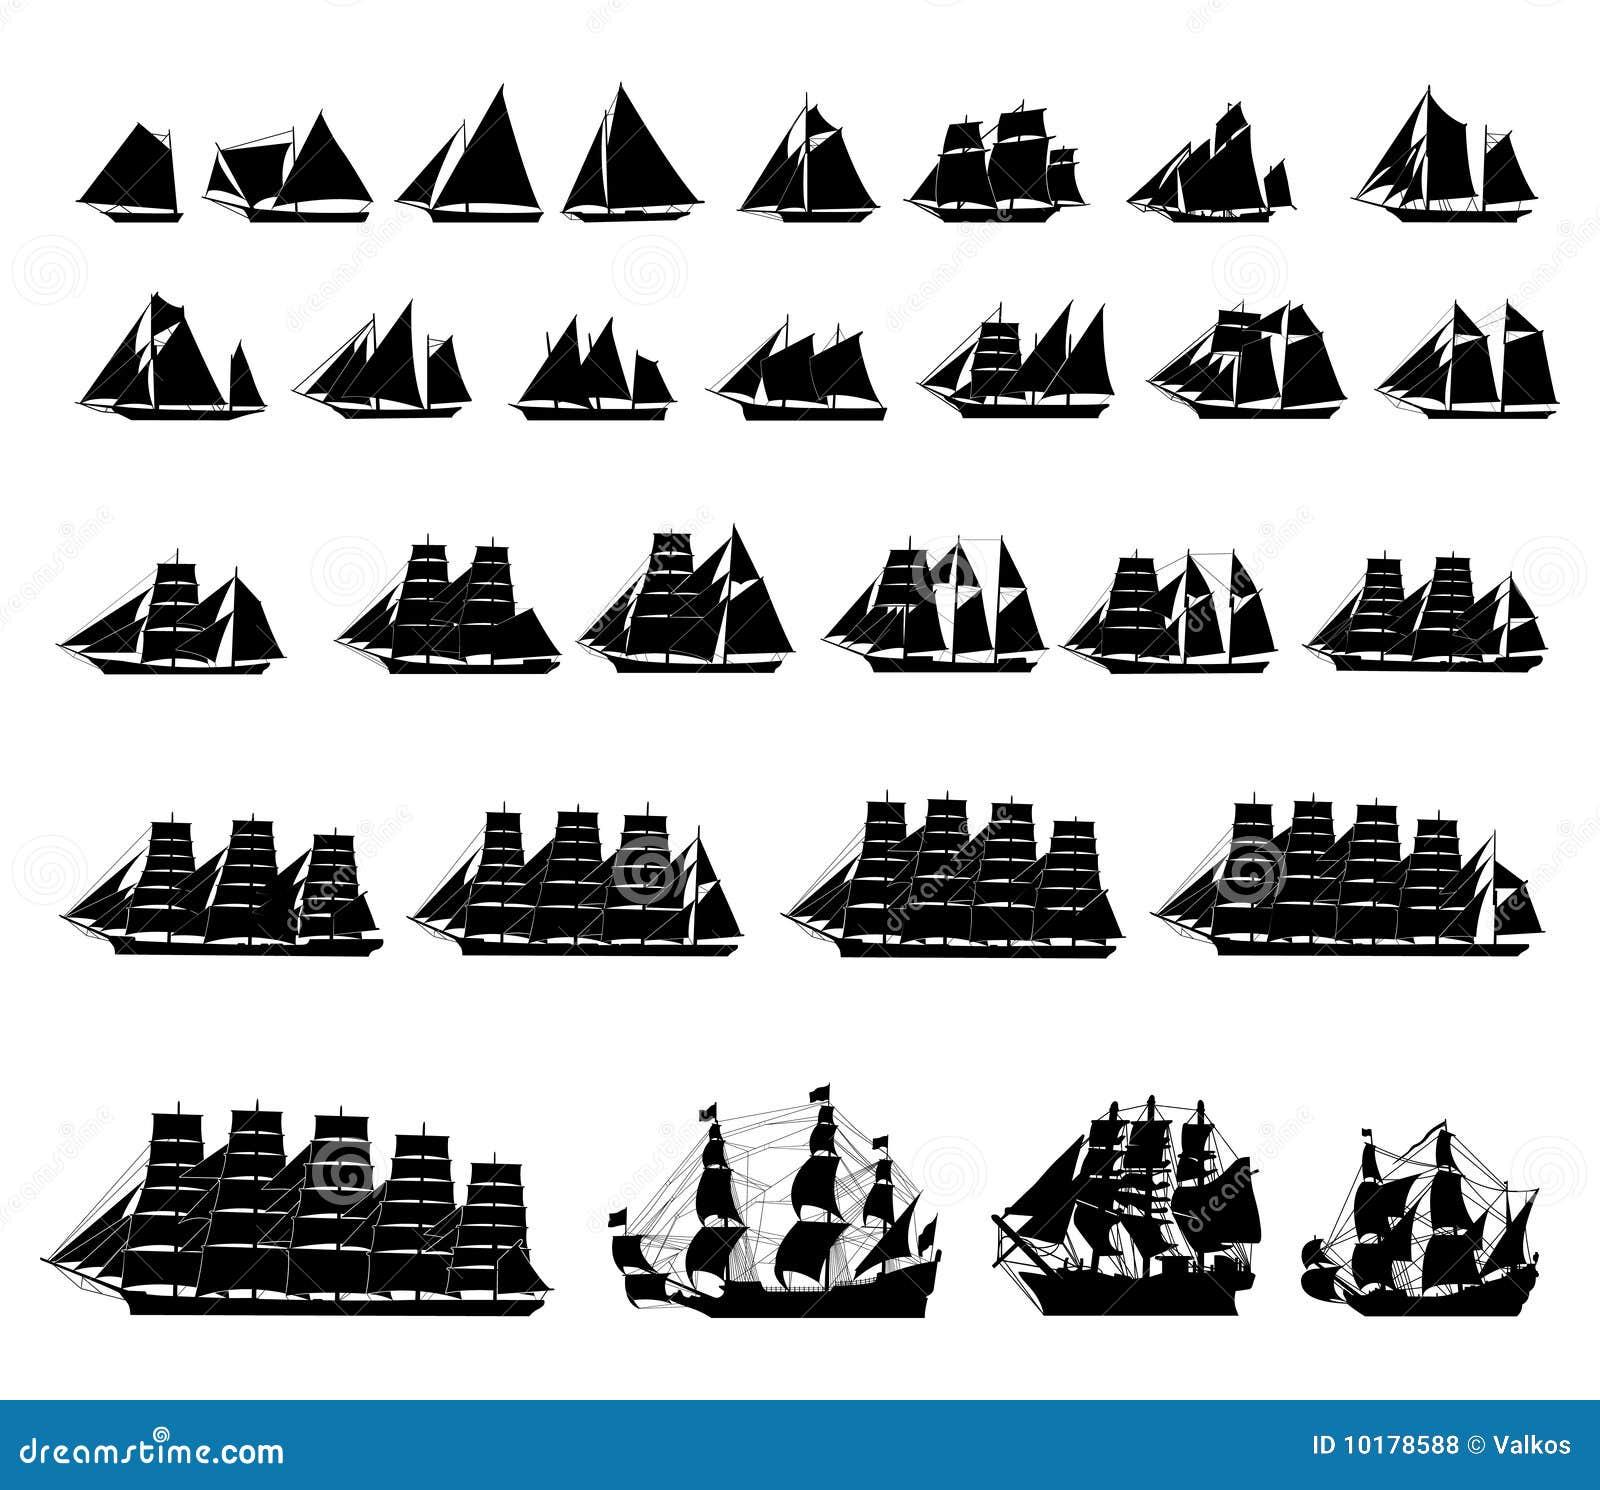 Connu Types De Bateaux à Voiles Photos libres de droits - Image: 10178588 PU34